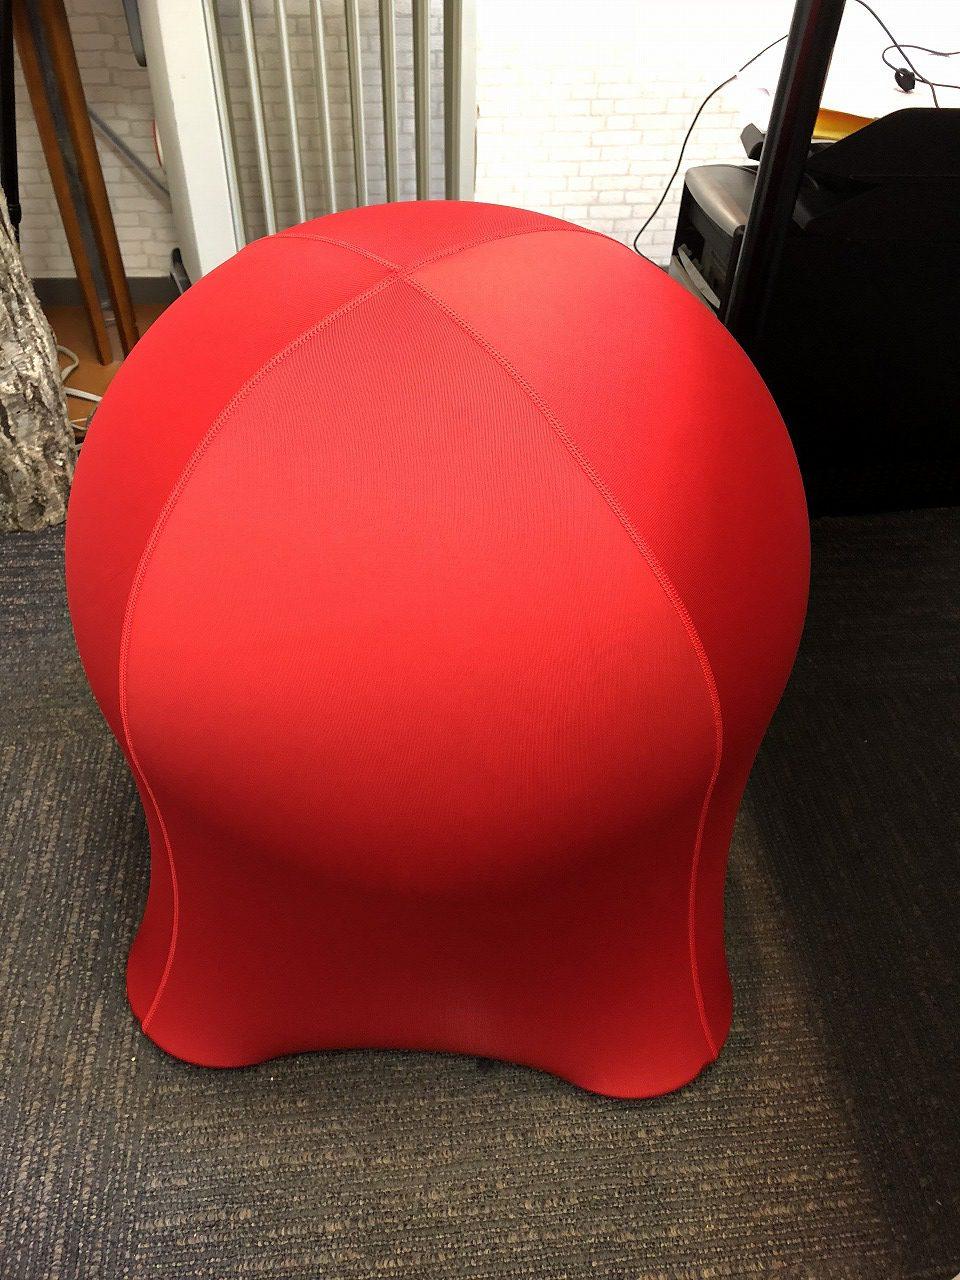 オフィスで使う椅子をバランスボールにしてみた